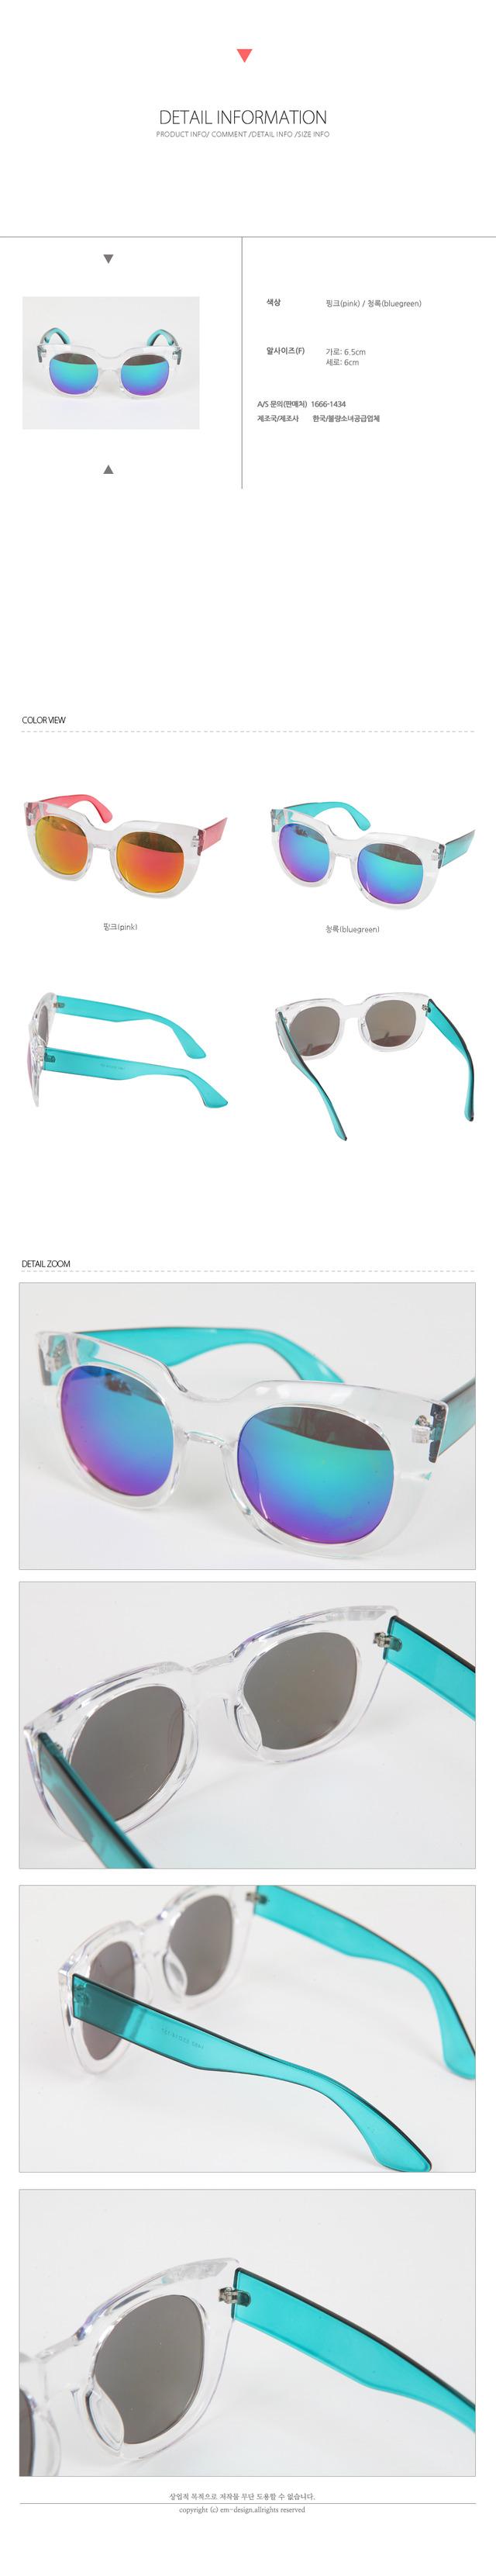 Colored Mirror Sunglasses